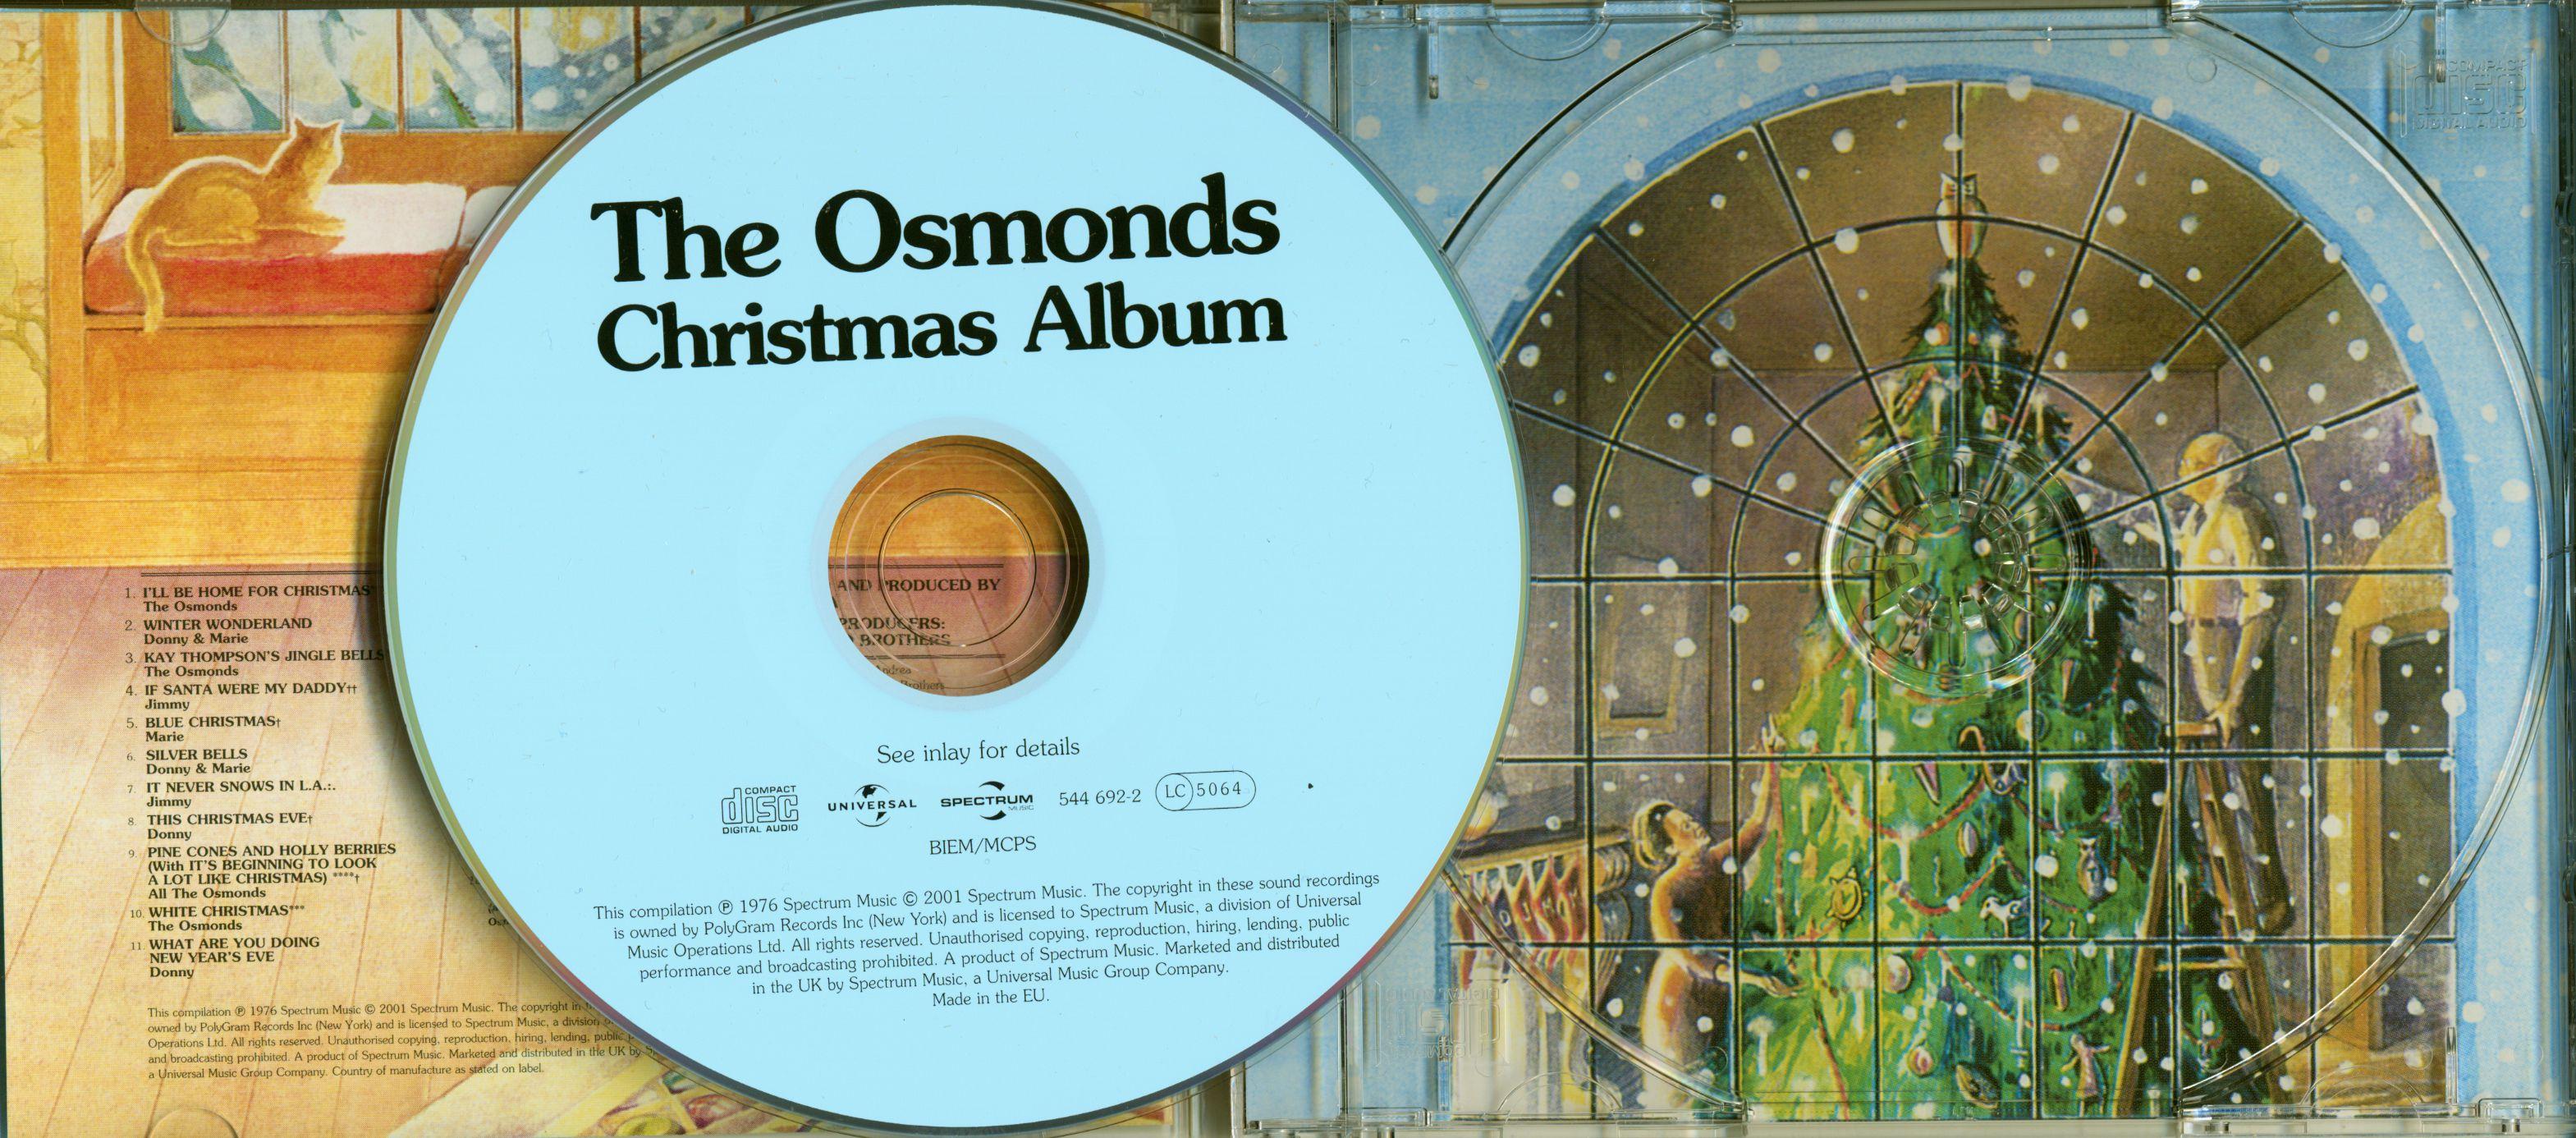 ... Preview: The Osmonds Christmas Album